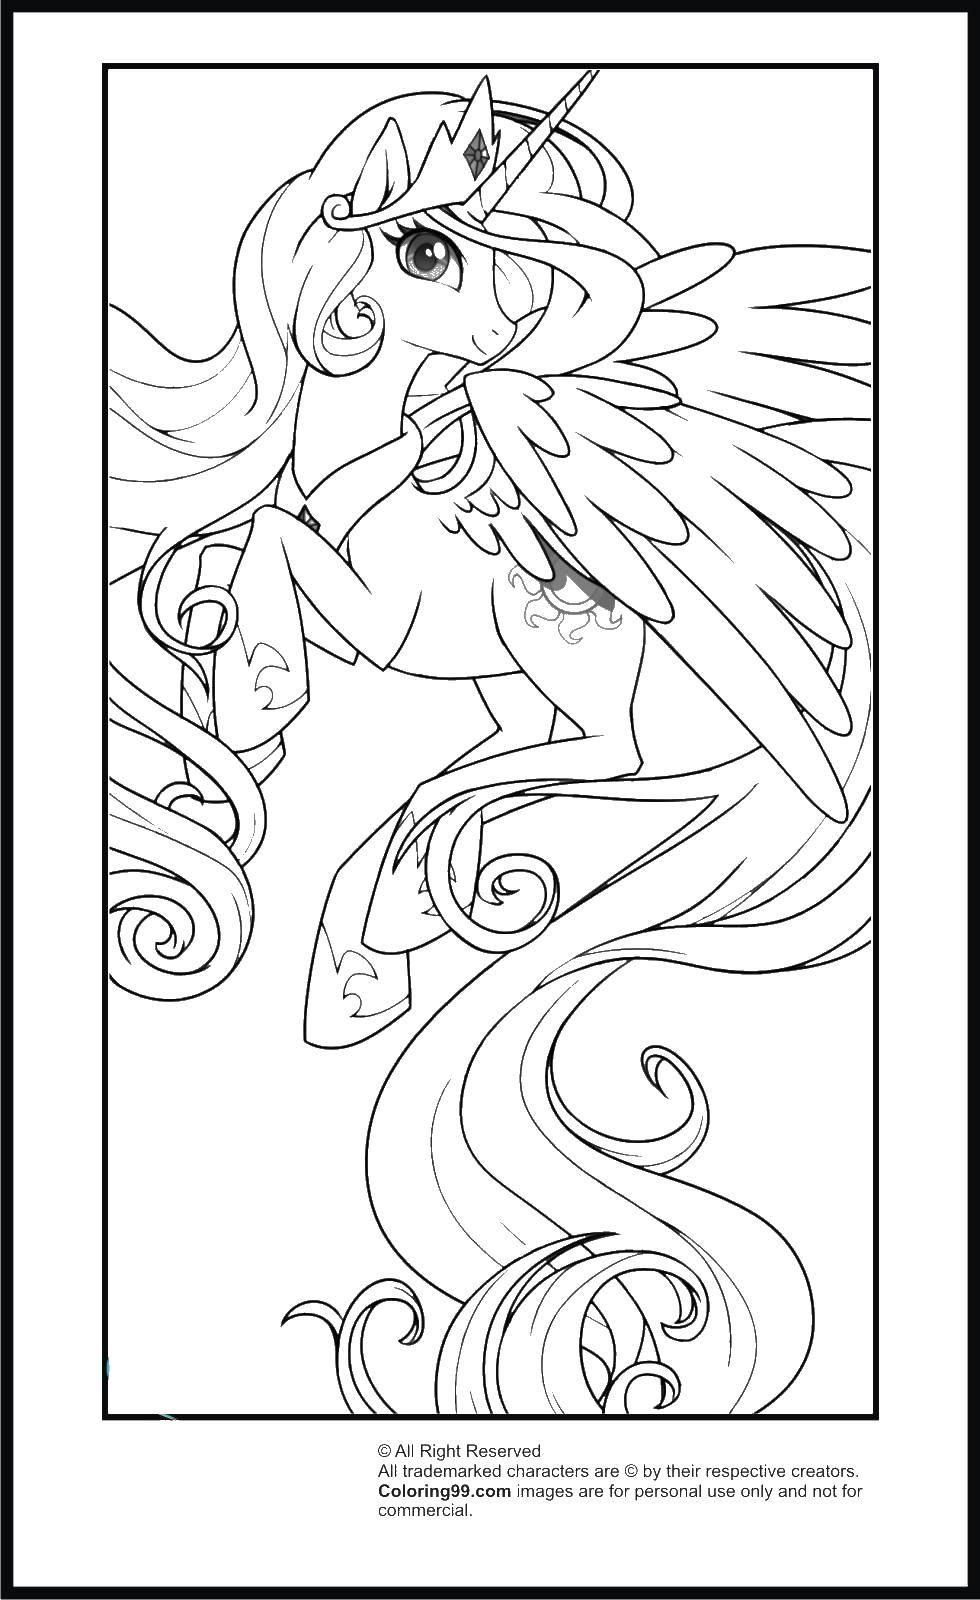 Раскраска Крылатый единорог Скачать единорог, крылья, хвост.  Распечатать ,мой маленький пони,